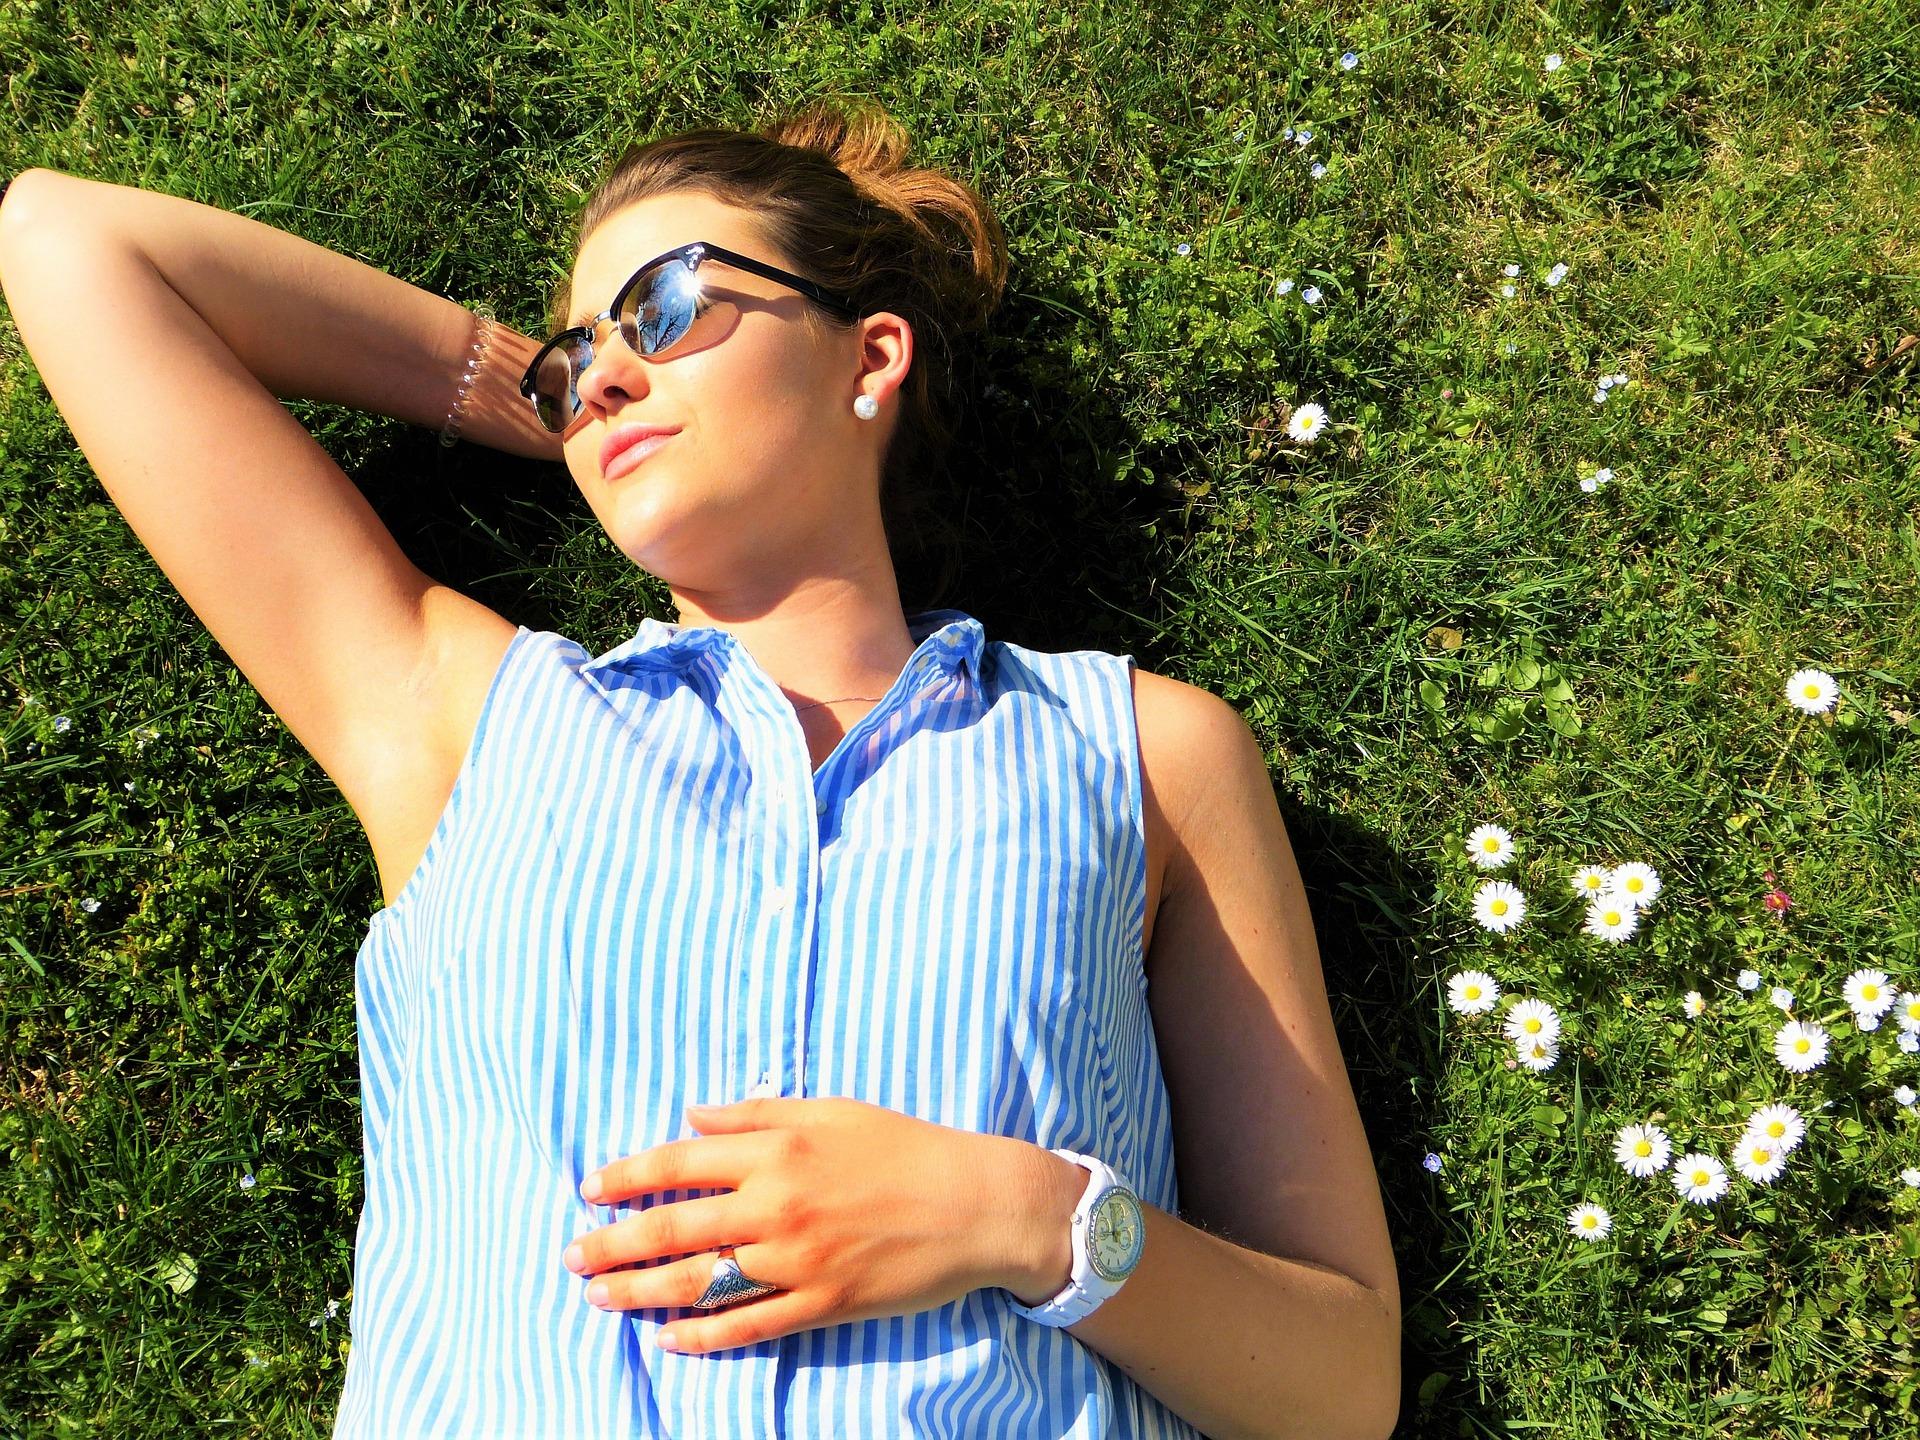 Bathing in the sun.jpg